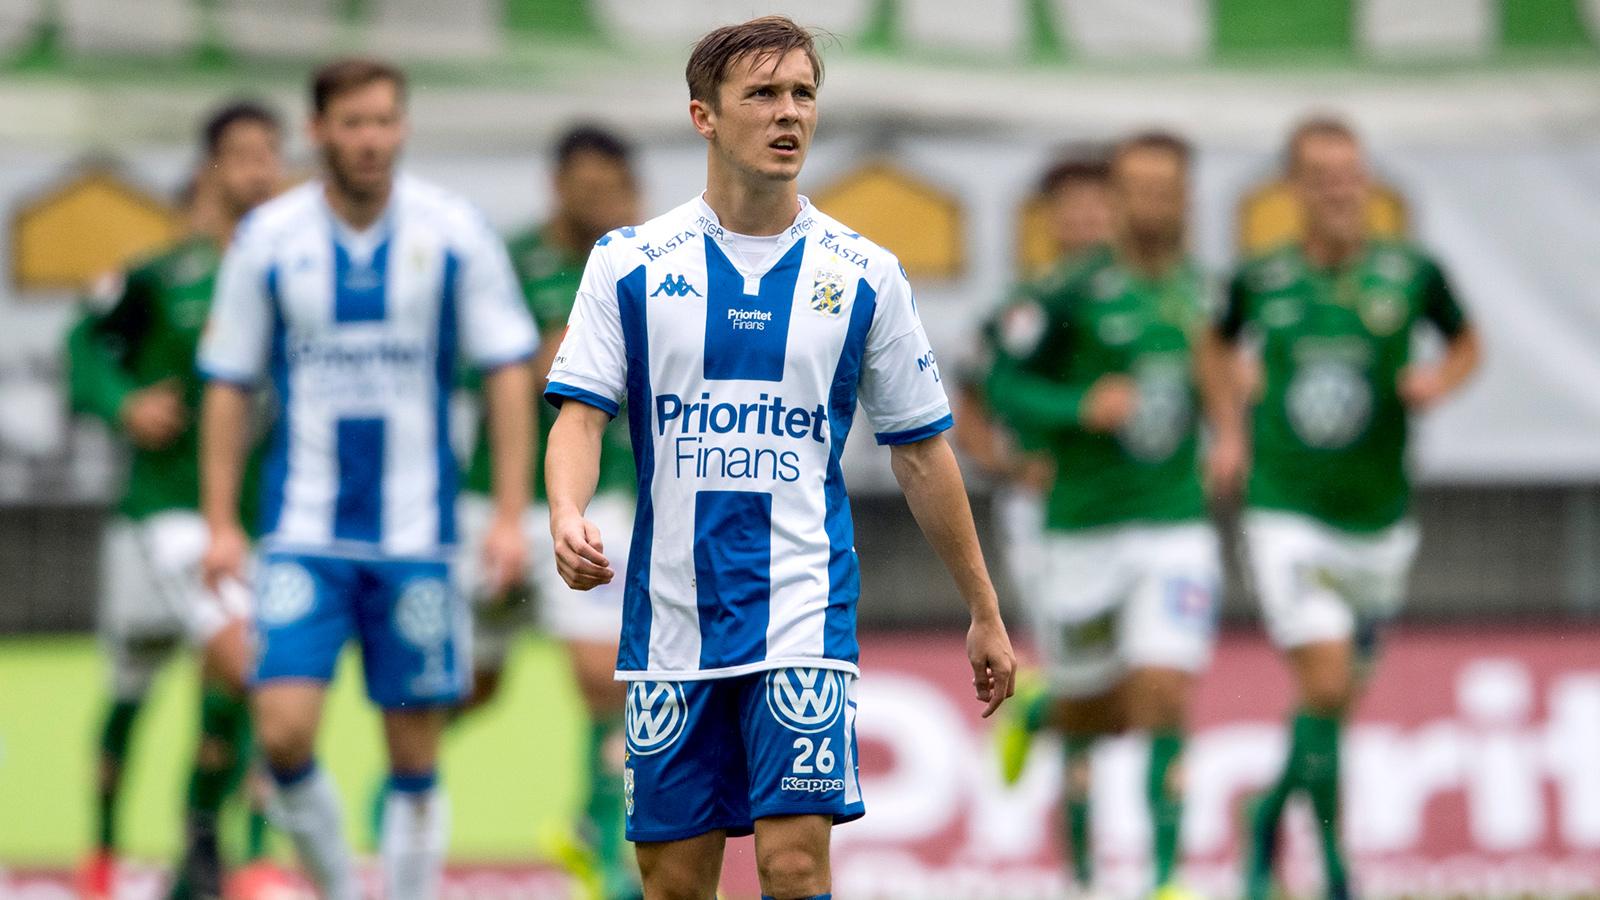 170916 IFK Göteborgs Patrik Karlsson Lagemyr deppar efter 0-1 under fotbollsmatchen i Allsvenskan mellan IFK Göteborg och Jönköping den 16 september 2017 i Göteborg.